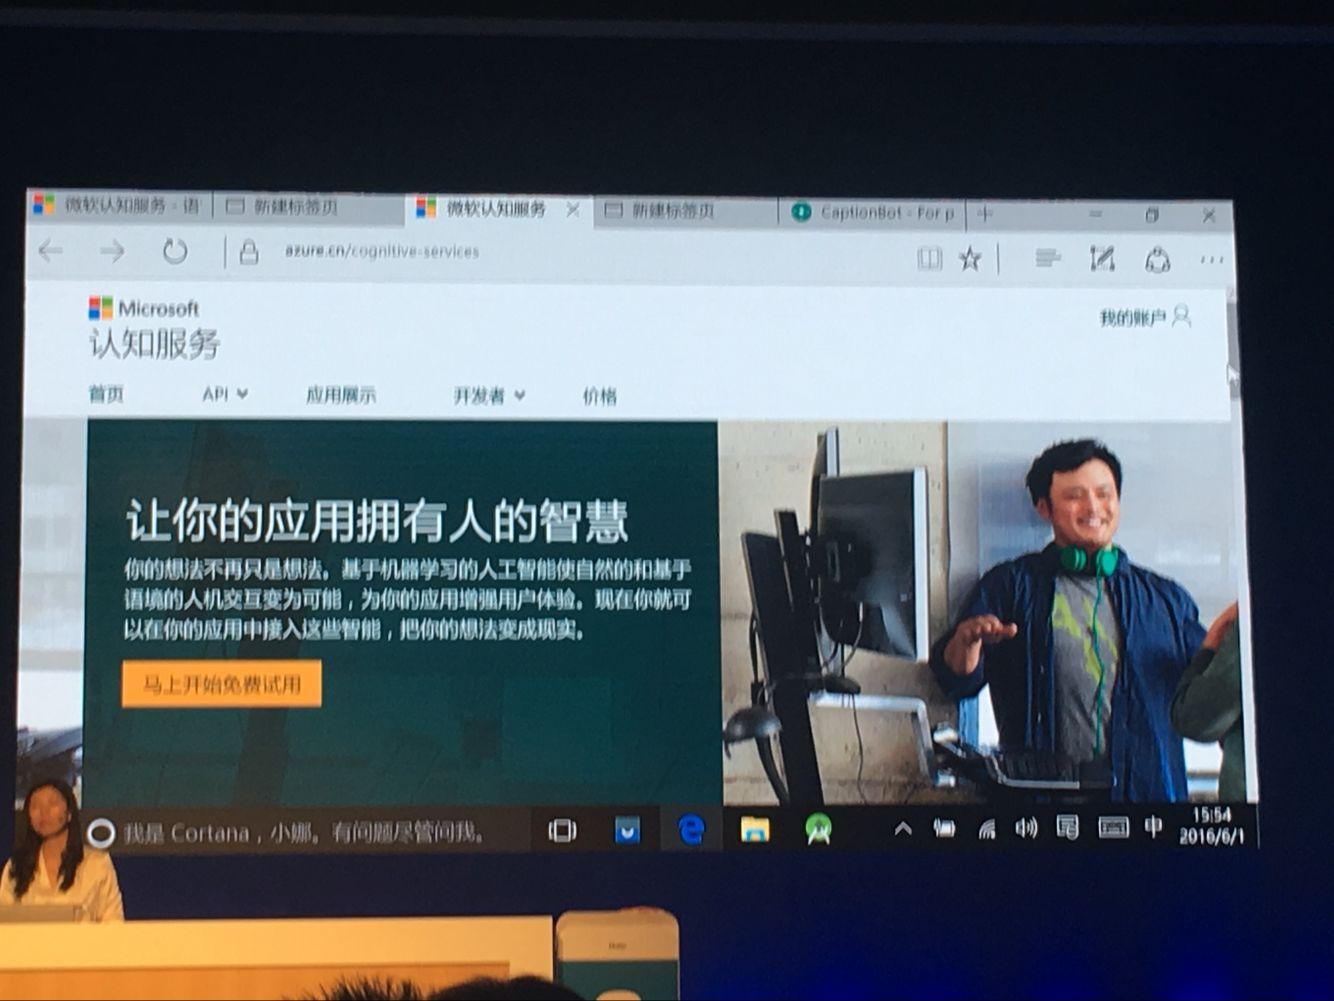 带视频的企业网站源码下载_物流网站源码带手机 (https://www.oilcn.net.cn/) 网站运营 第9张